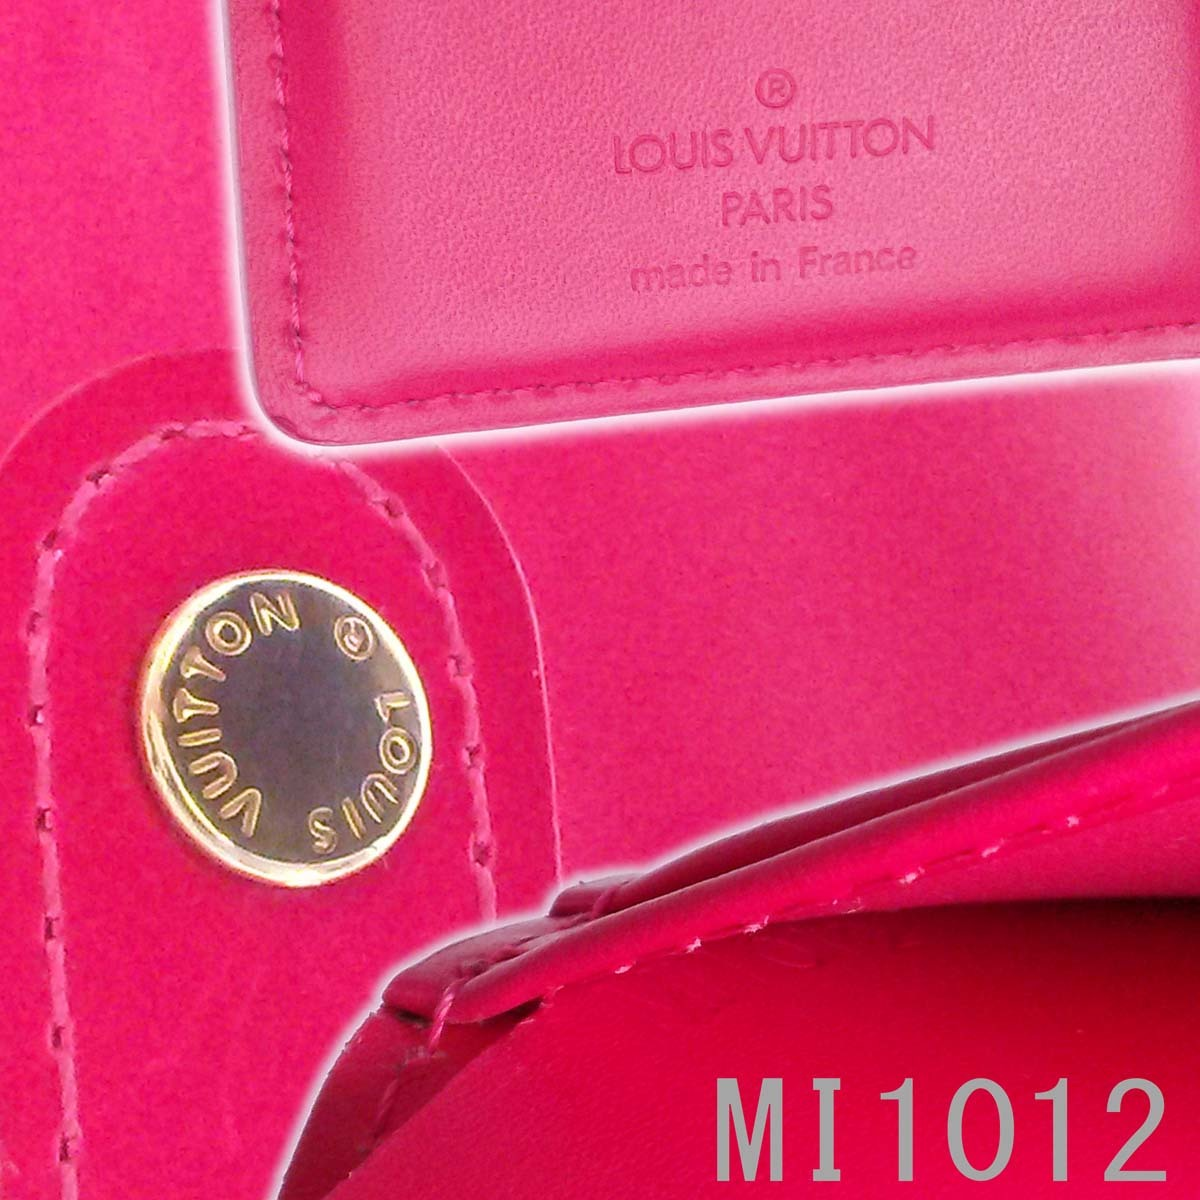 【美品】ルイヴィトン ヴェルニ フューシャピンク がま口財布 人気色 ヴィエノワ レディース M91254 箱 appre6101【一撃即決】_画像10